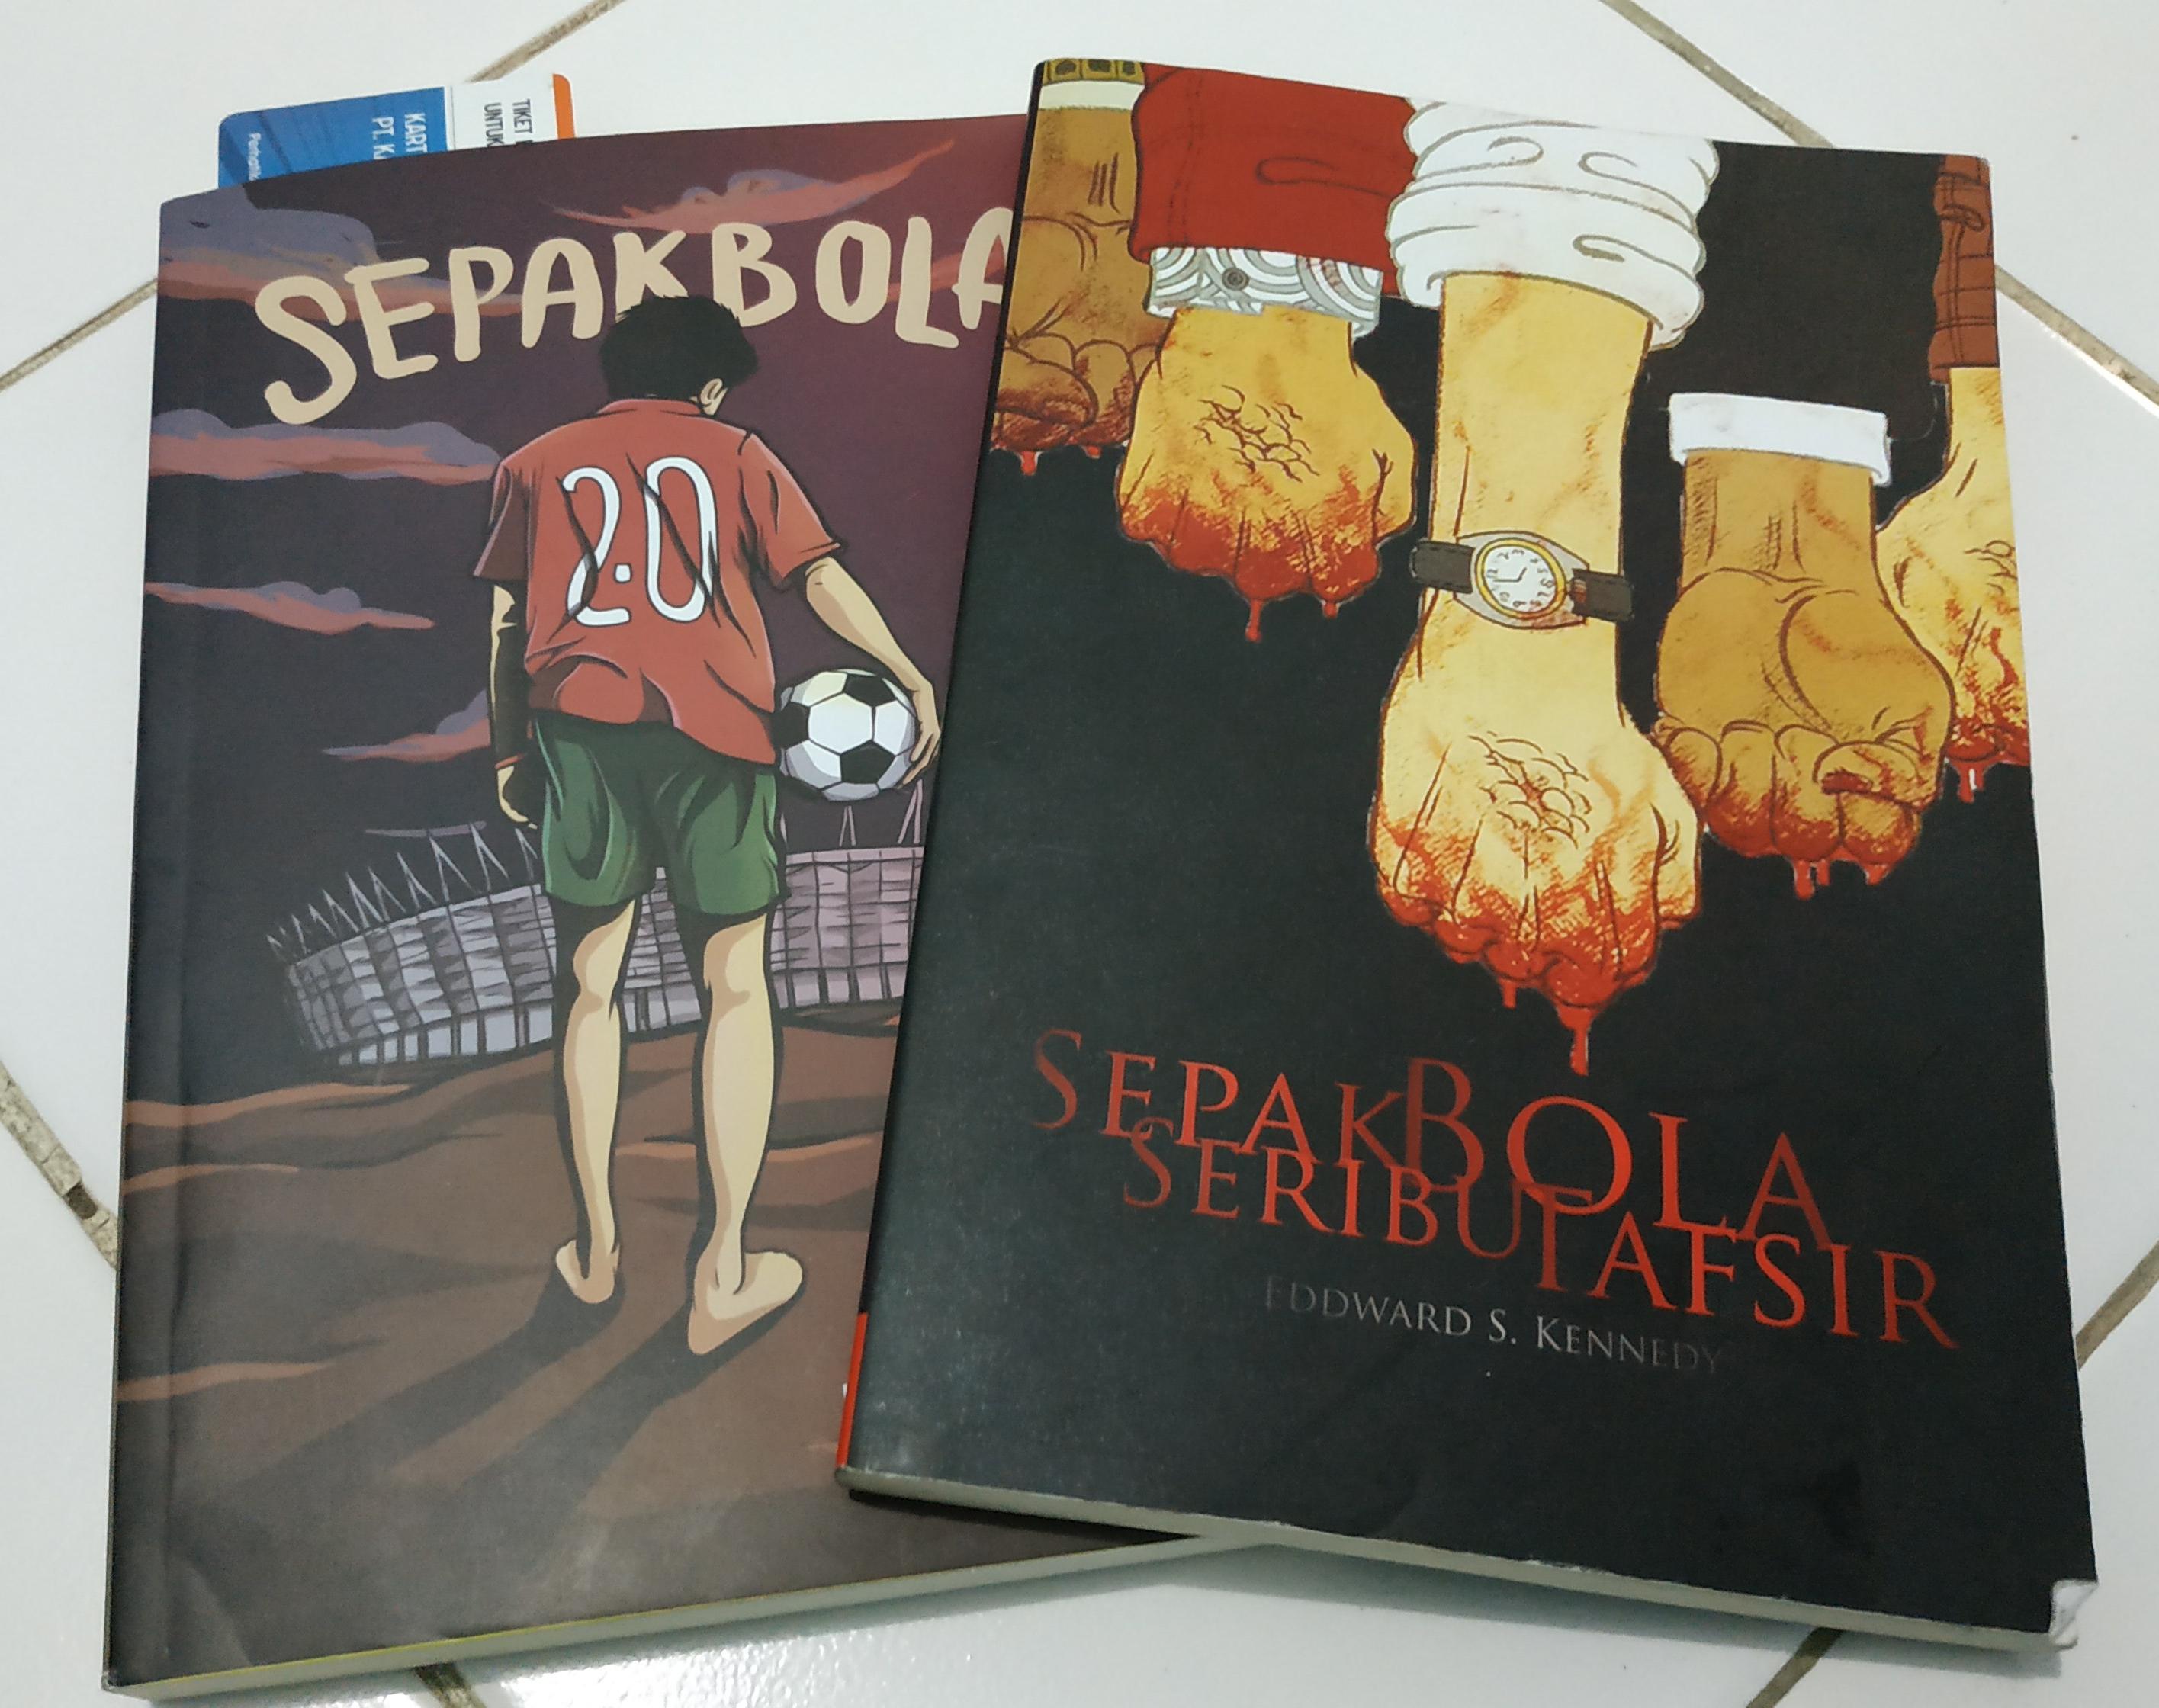 buku-sepakbola-2.0-dan-sepakbola-seribu-tafsir